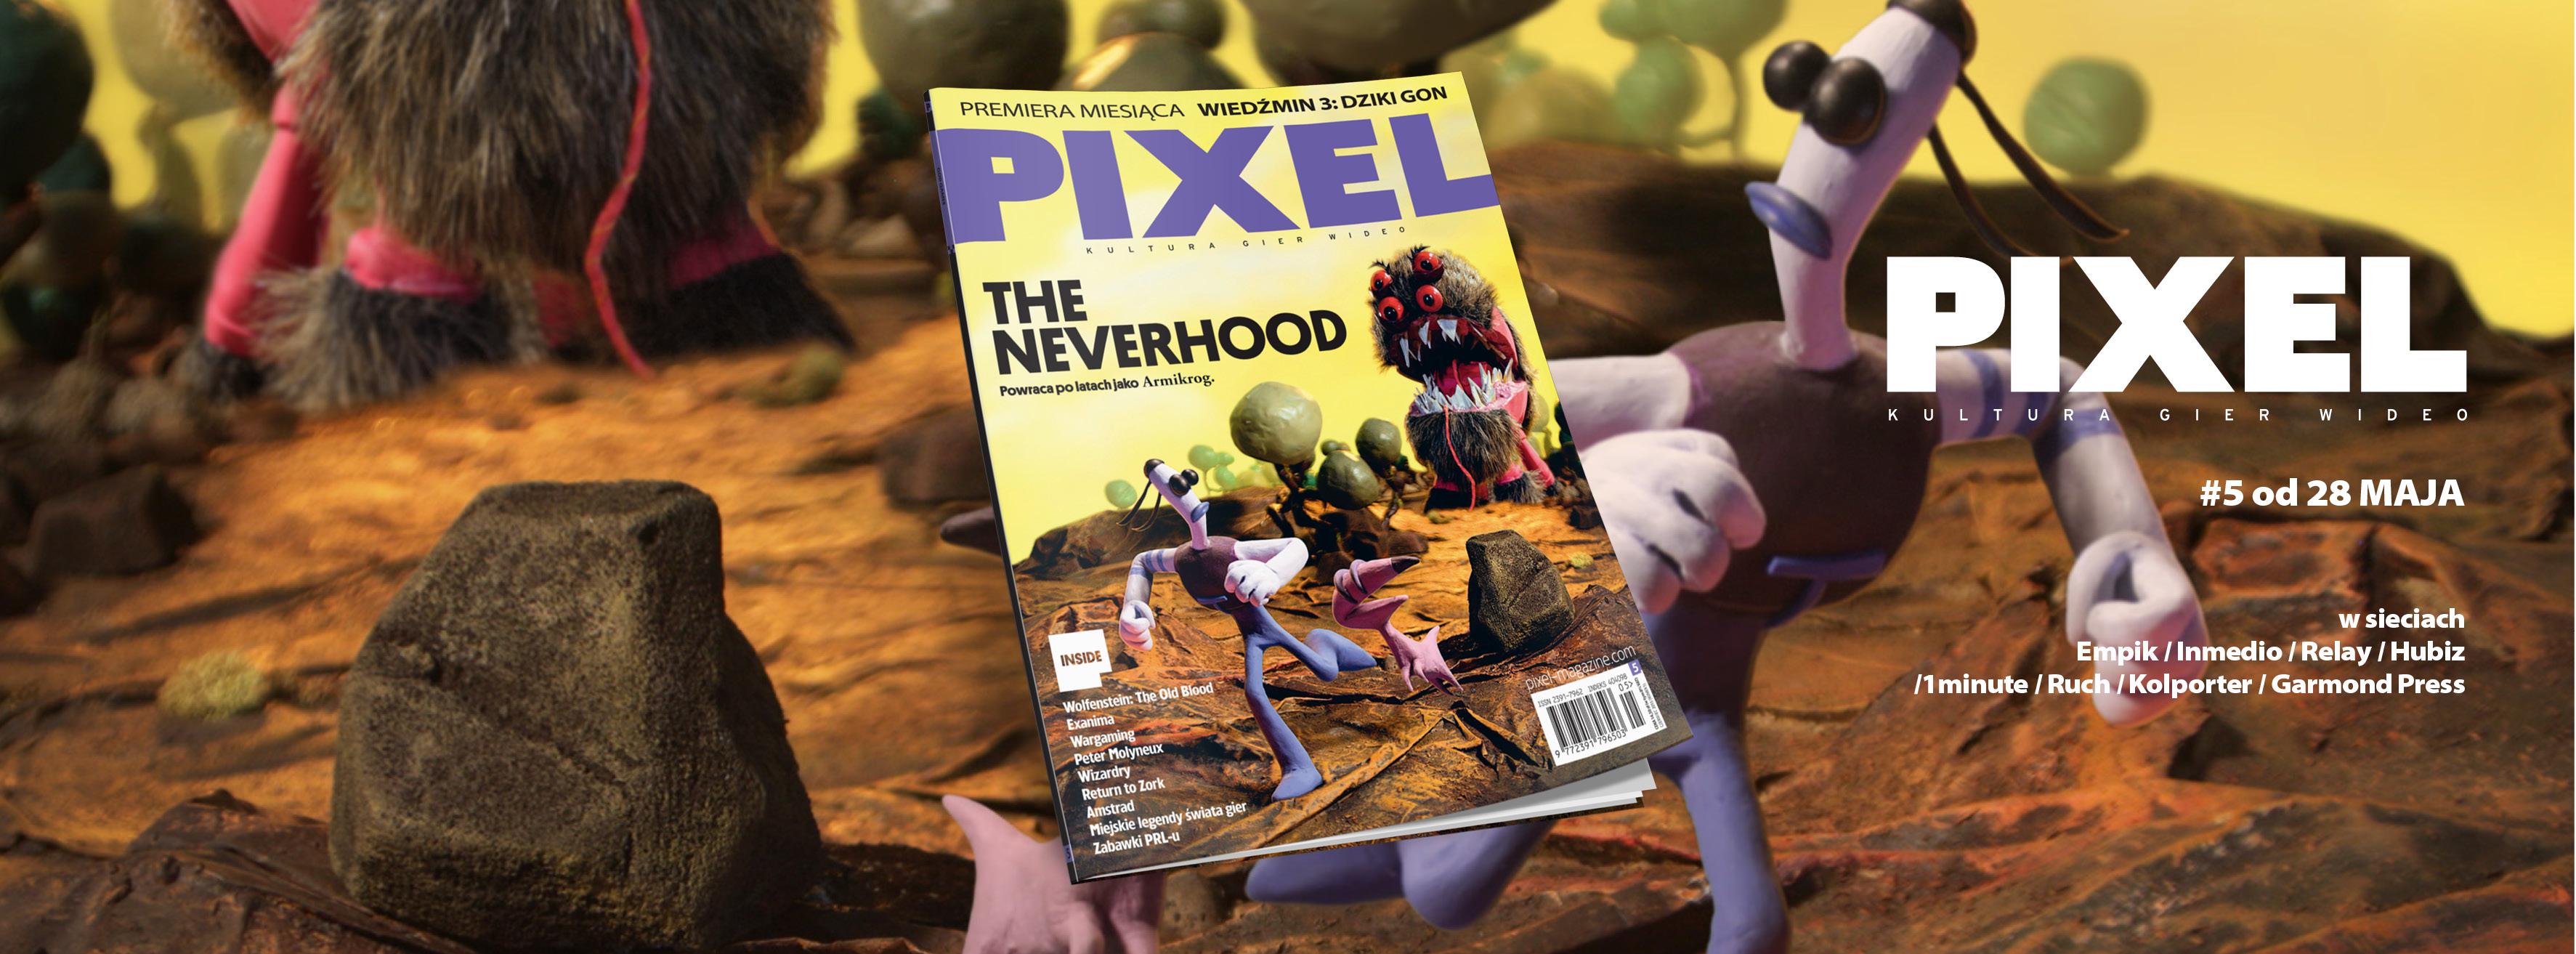 Pixel – największe wydarzenie w polskiej prasie o grach w przededniu jej upadku